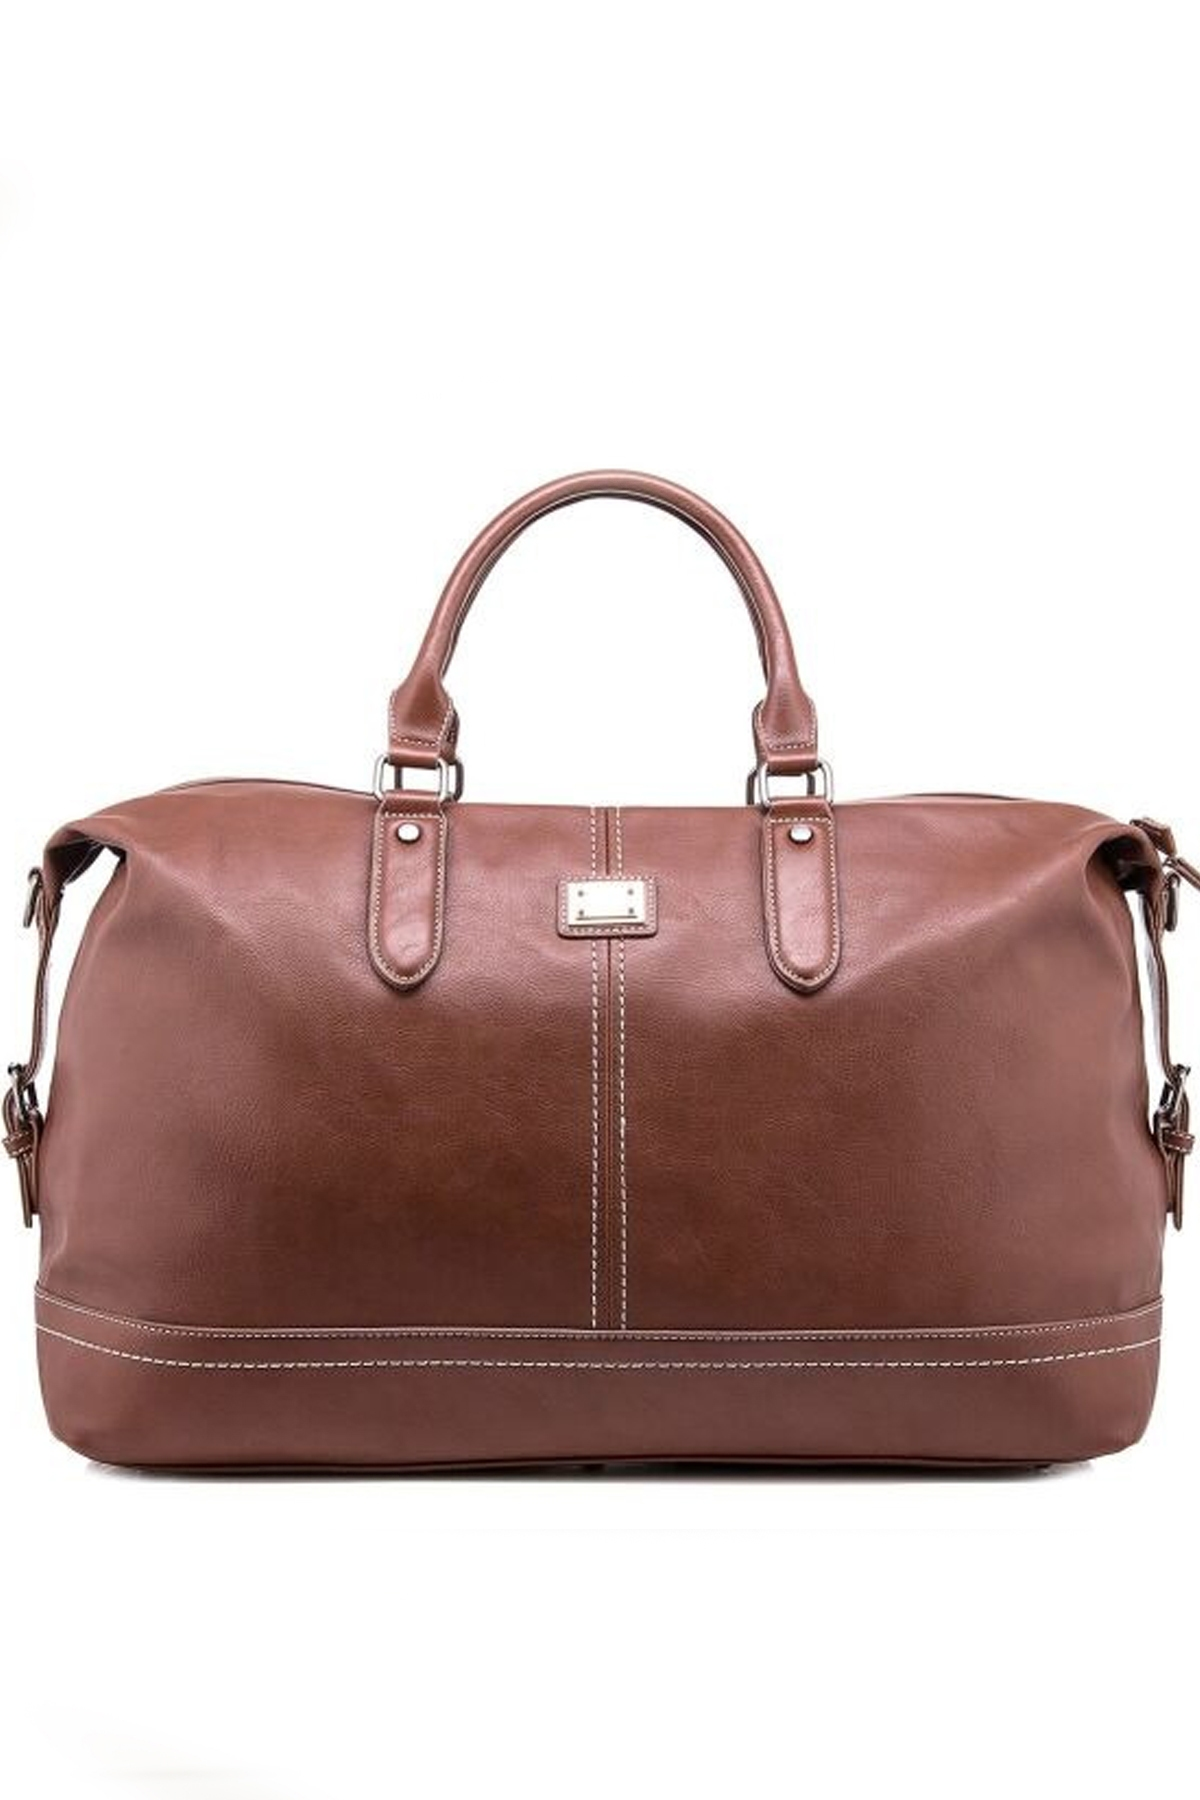 Дорожная сумка David Jones 5310 оптом